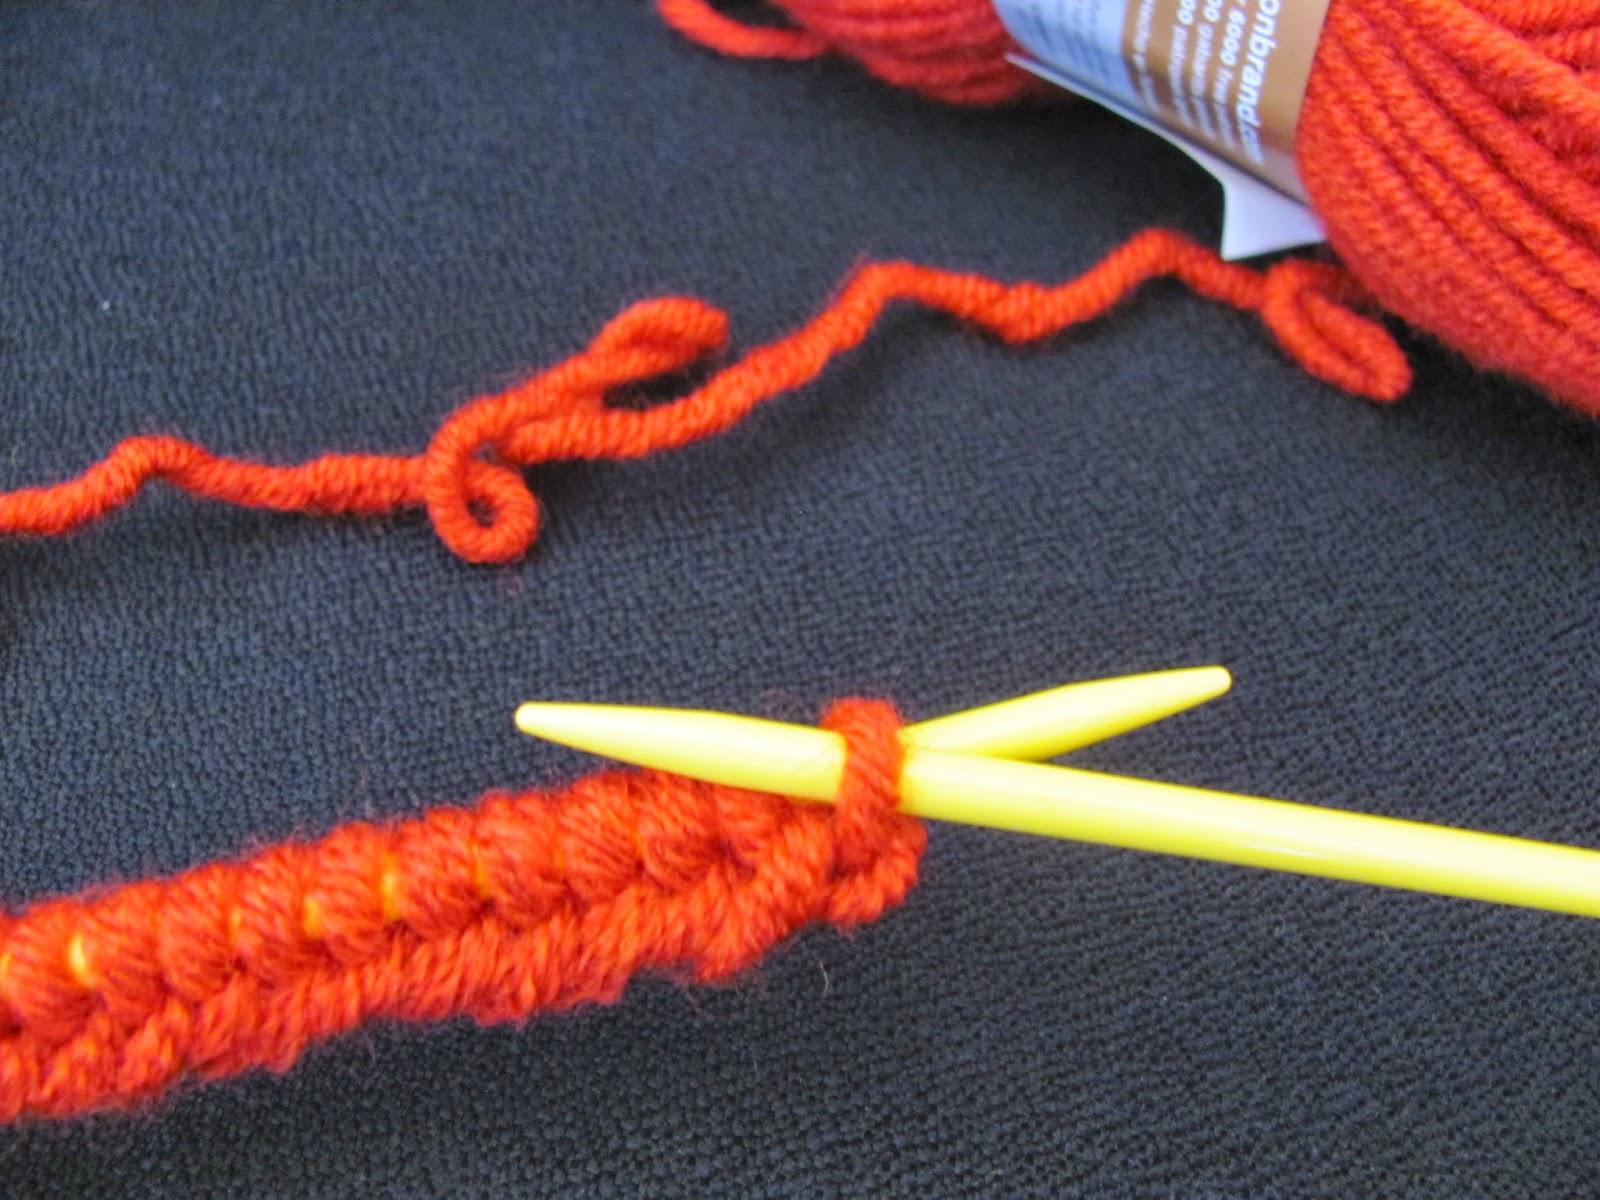 J'aimerais apprendre à tricoter avec une aiguille circulaire, et faire des